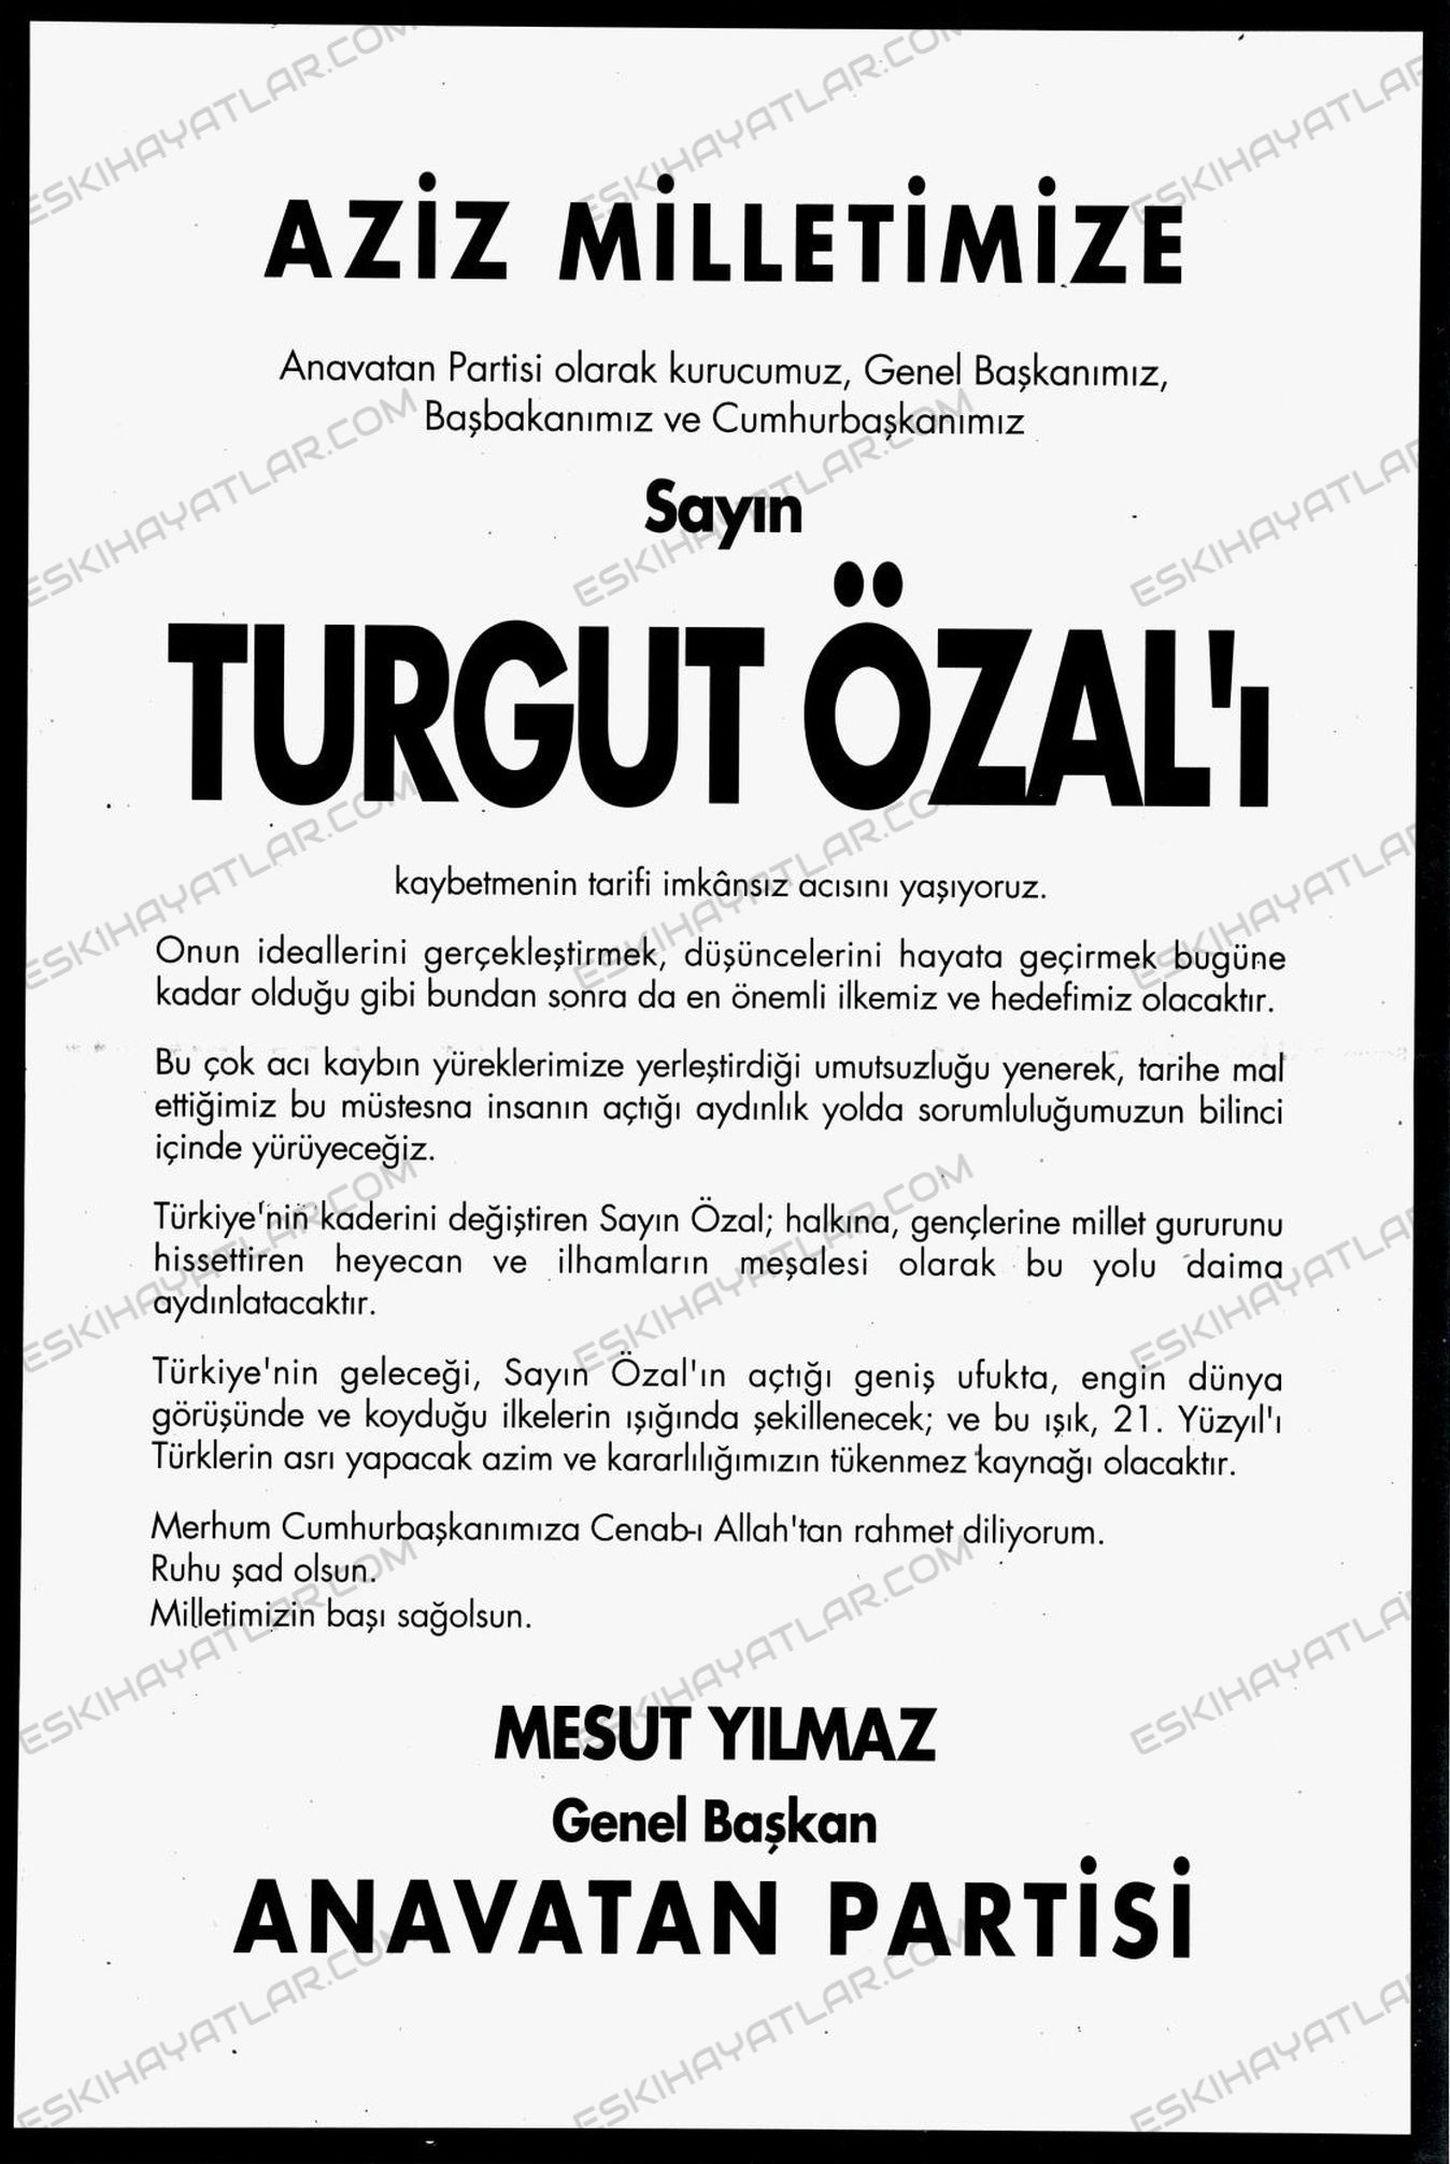 turgut-ozal-fotograflari-1993-yili-turgut-ozal-vefat-ilanlari-turgut-ozal-olum-haberleri (9)